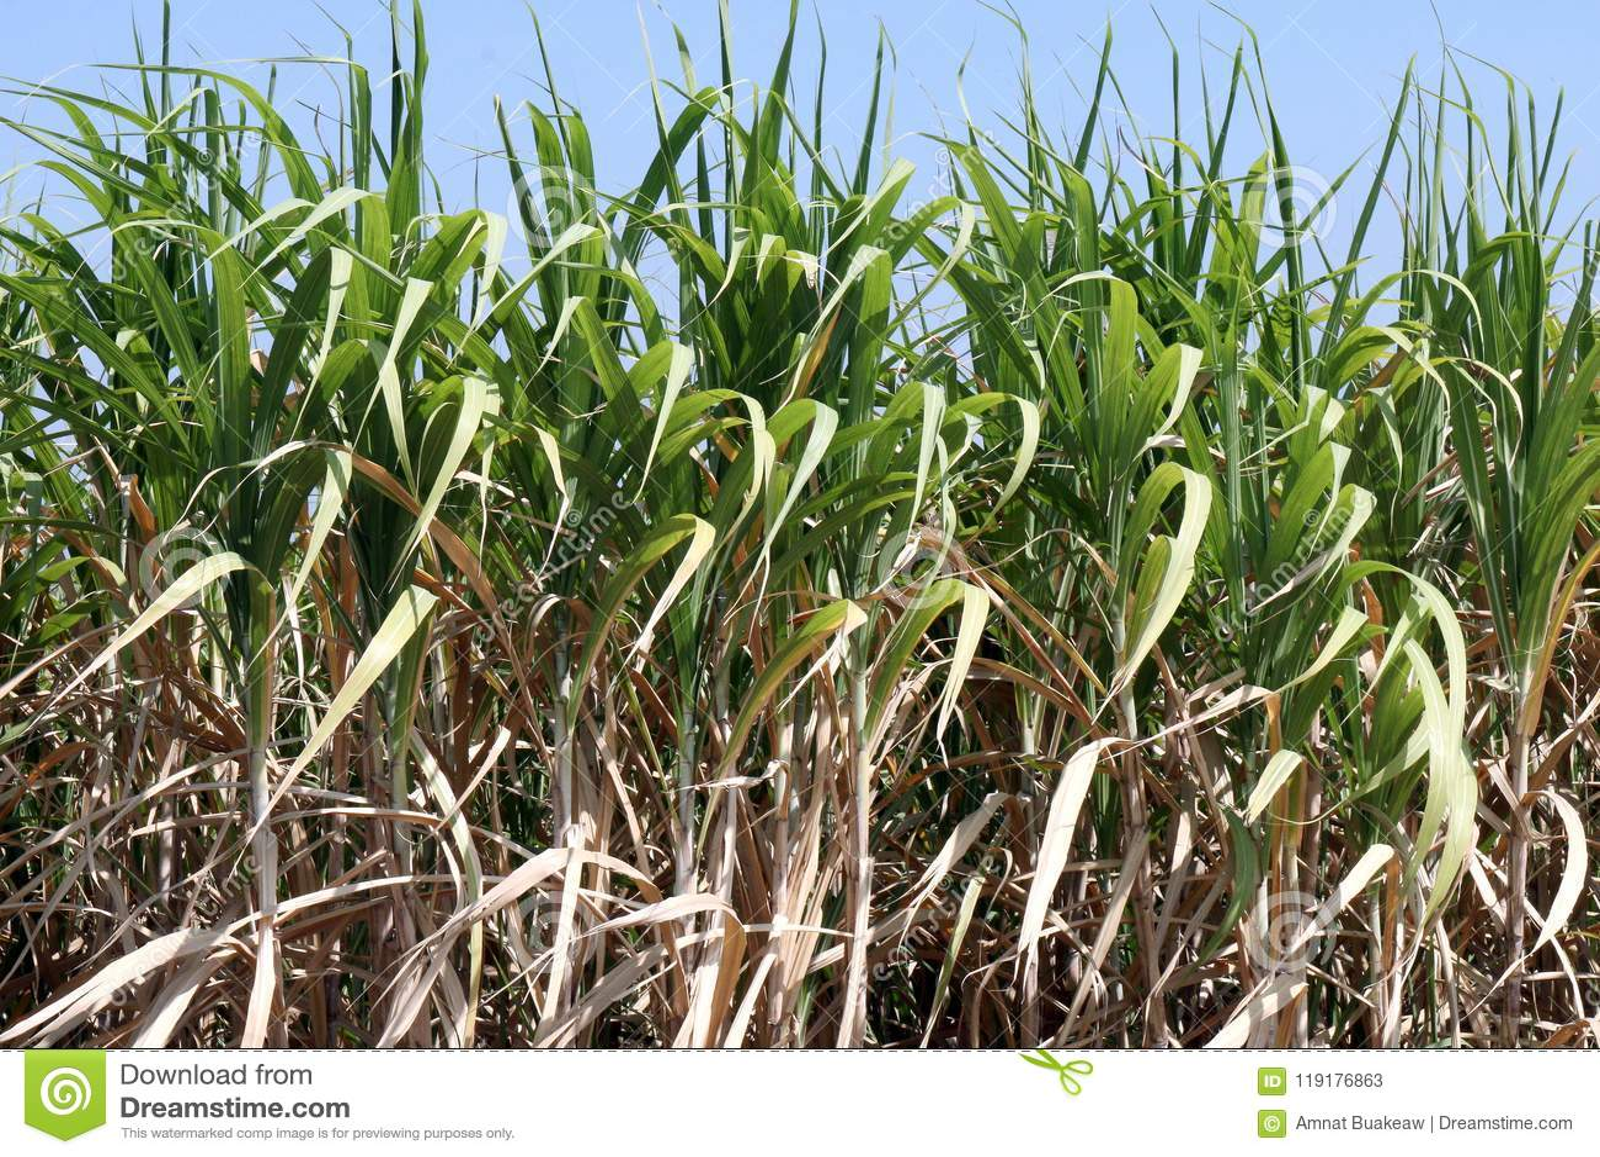 Sugar cane plants grow in field, Plantation Sugar cane tree farm, Background of sugarcane field